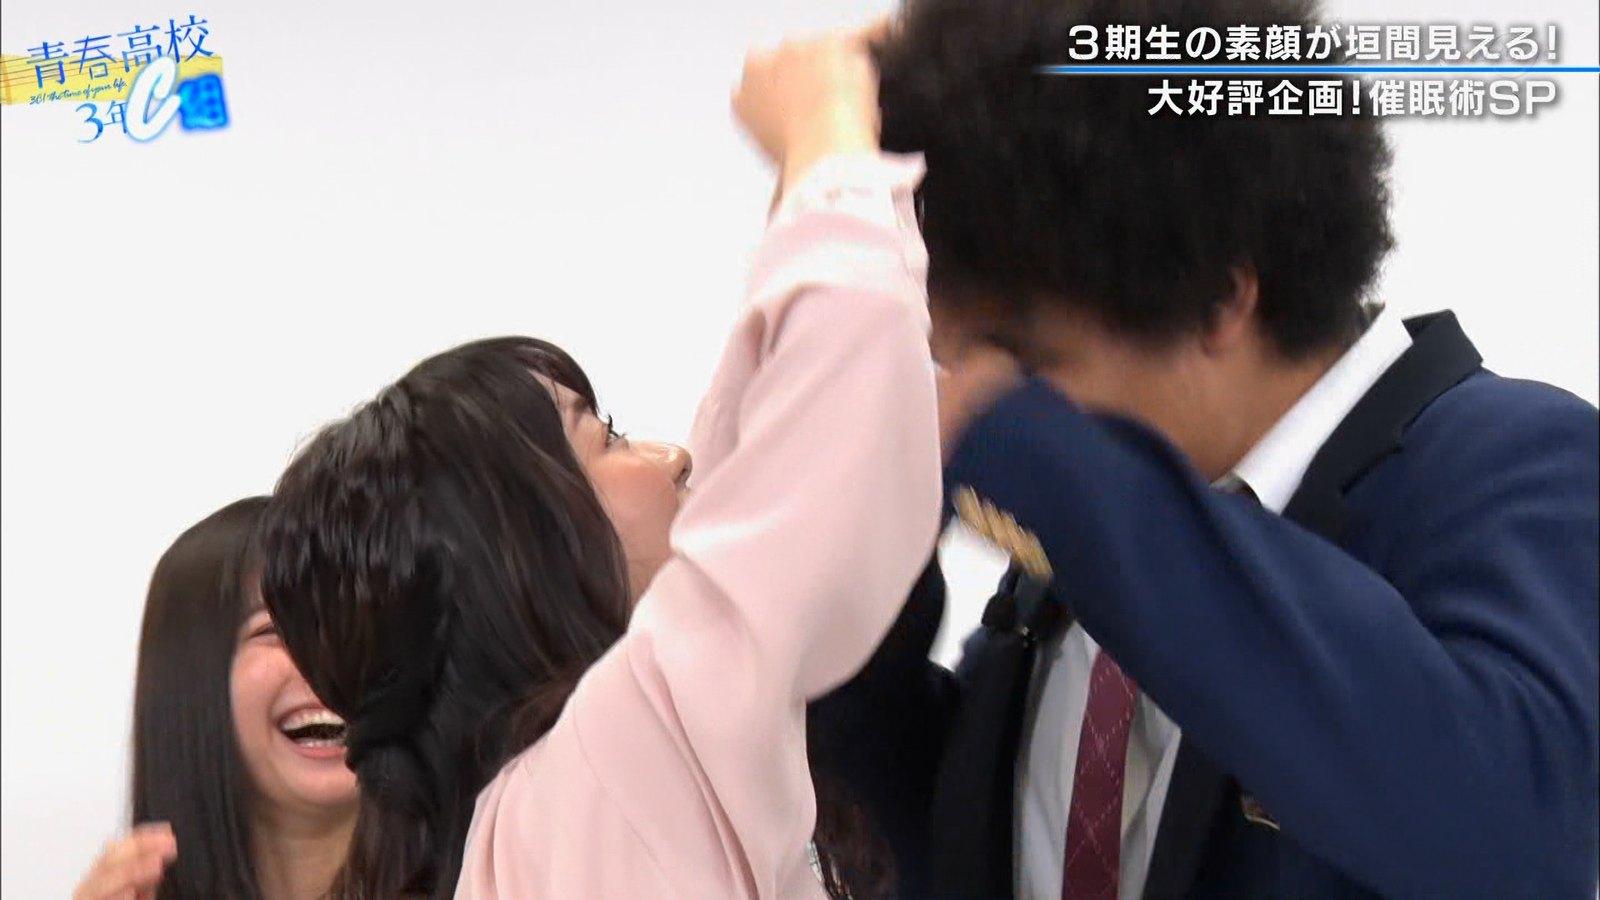 森香澄_女子アナ_乳揺れ_おっぱい_キャプエロ画像_44